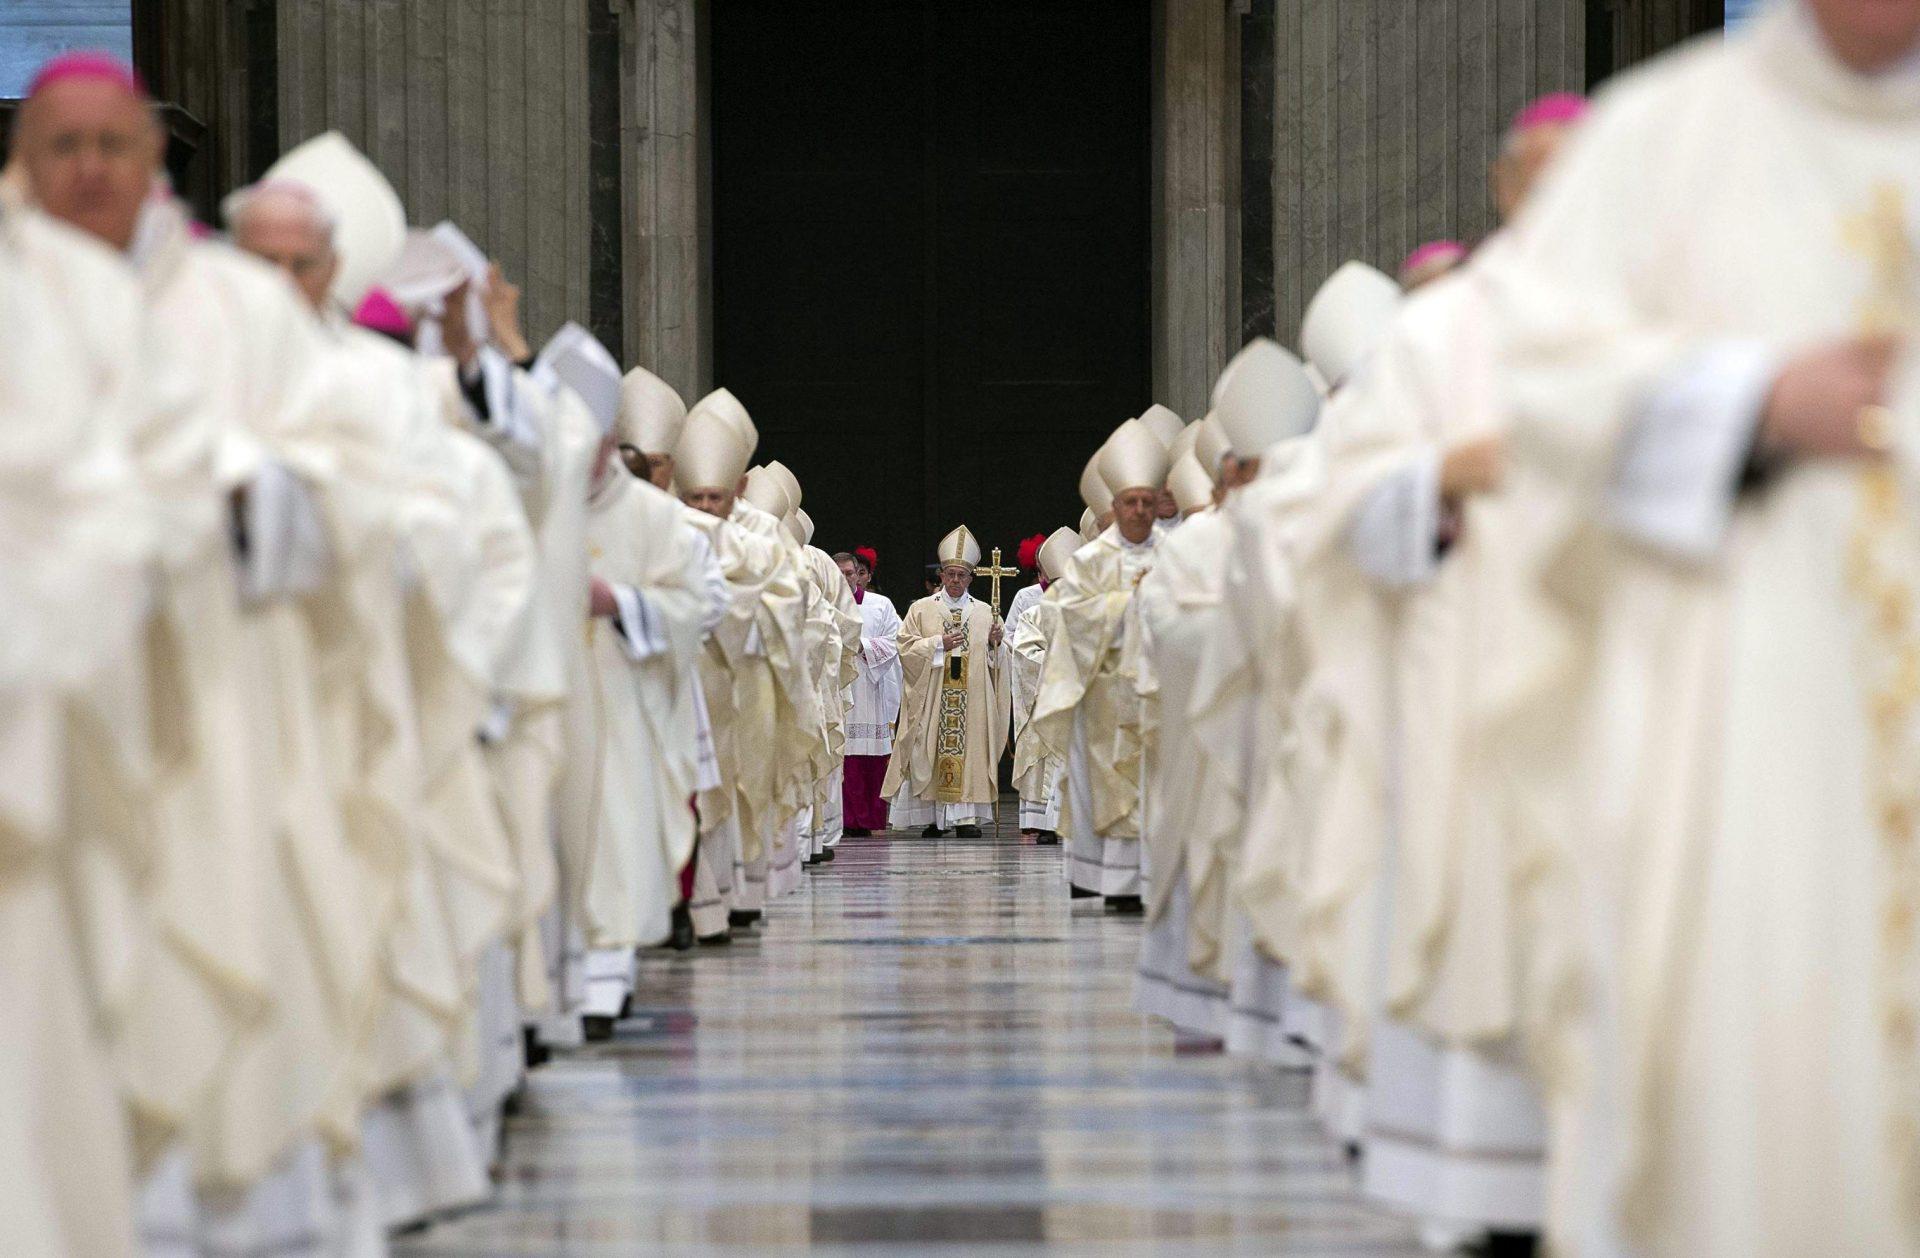 Foto LUSA: Imagem divulgada pelo Osservatore Romano. Basílica de S. Pedro, Cidade do Vaticano, 22 de fevereiro de 2016. EPA / OSSERVATORE ROMANO